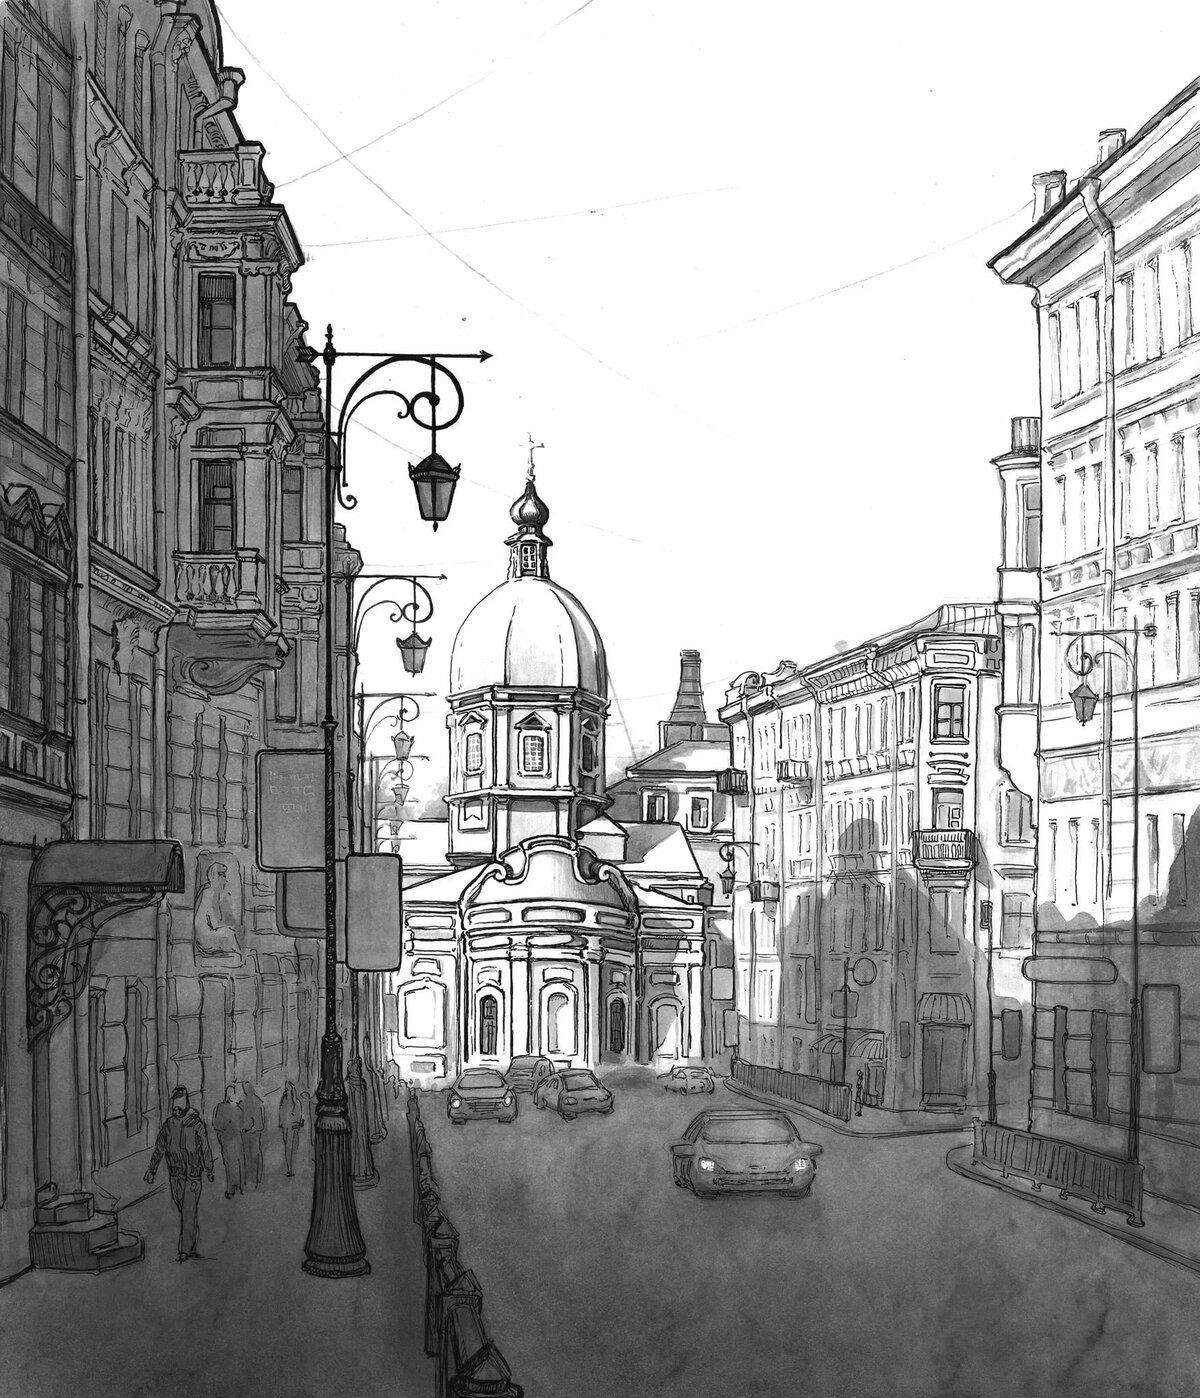 пишет, картинки санкт-петербурга хорошего качества карандашом территории